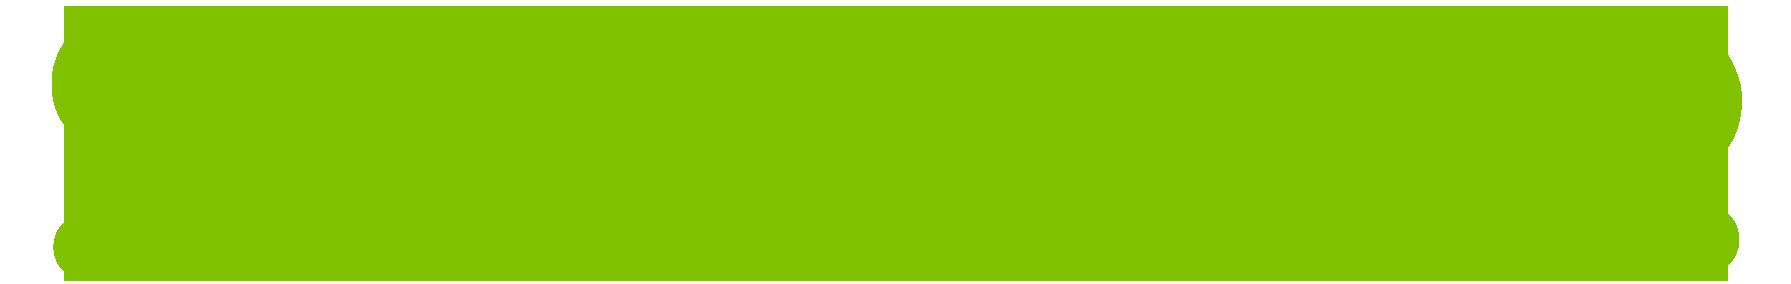 Sitowise - talonrakennusalan moniosaaja - logo